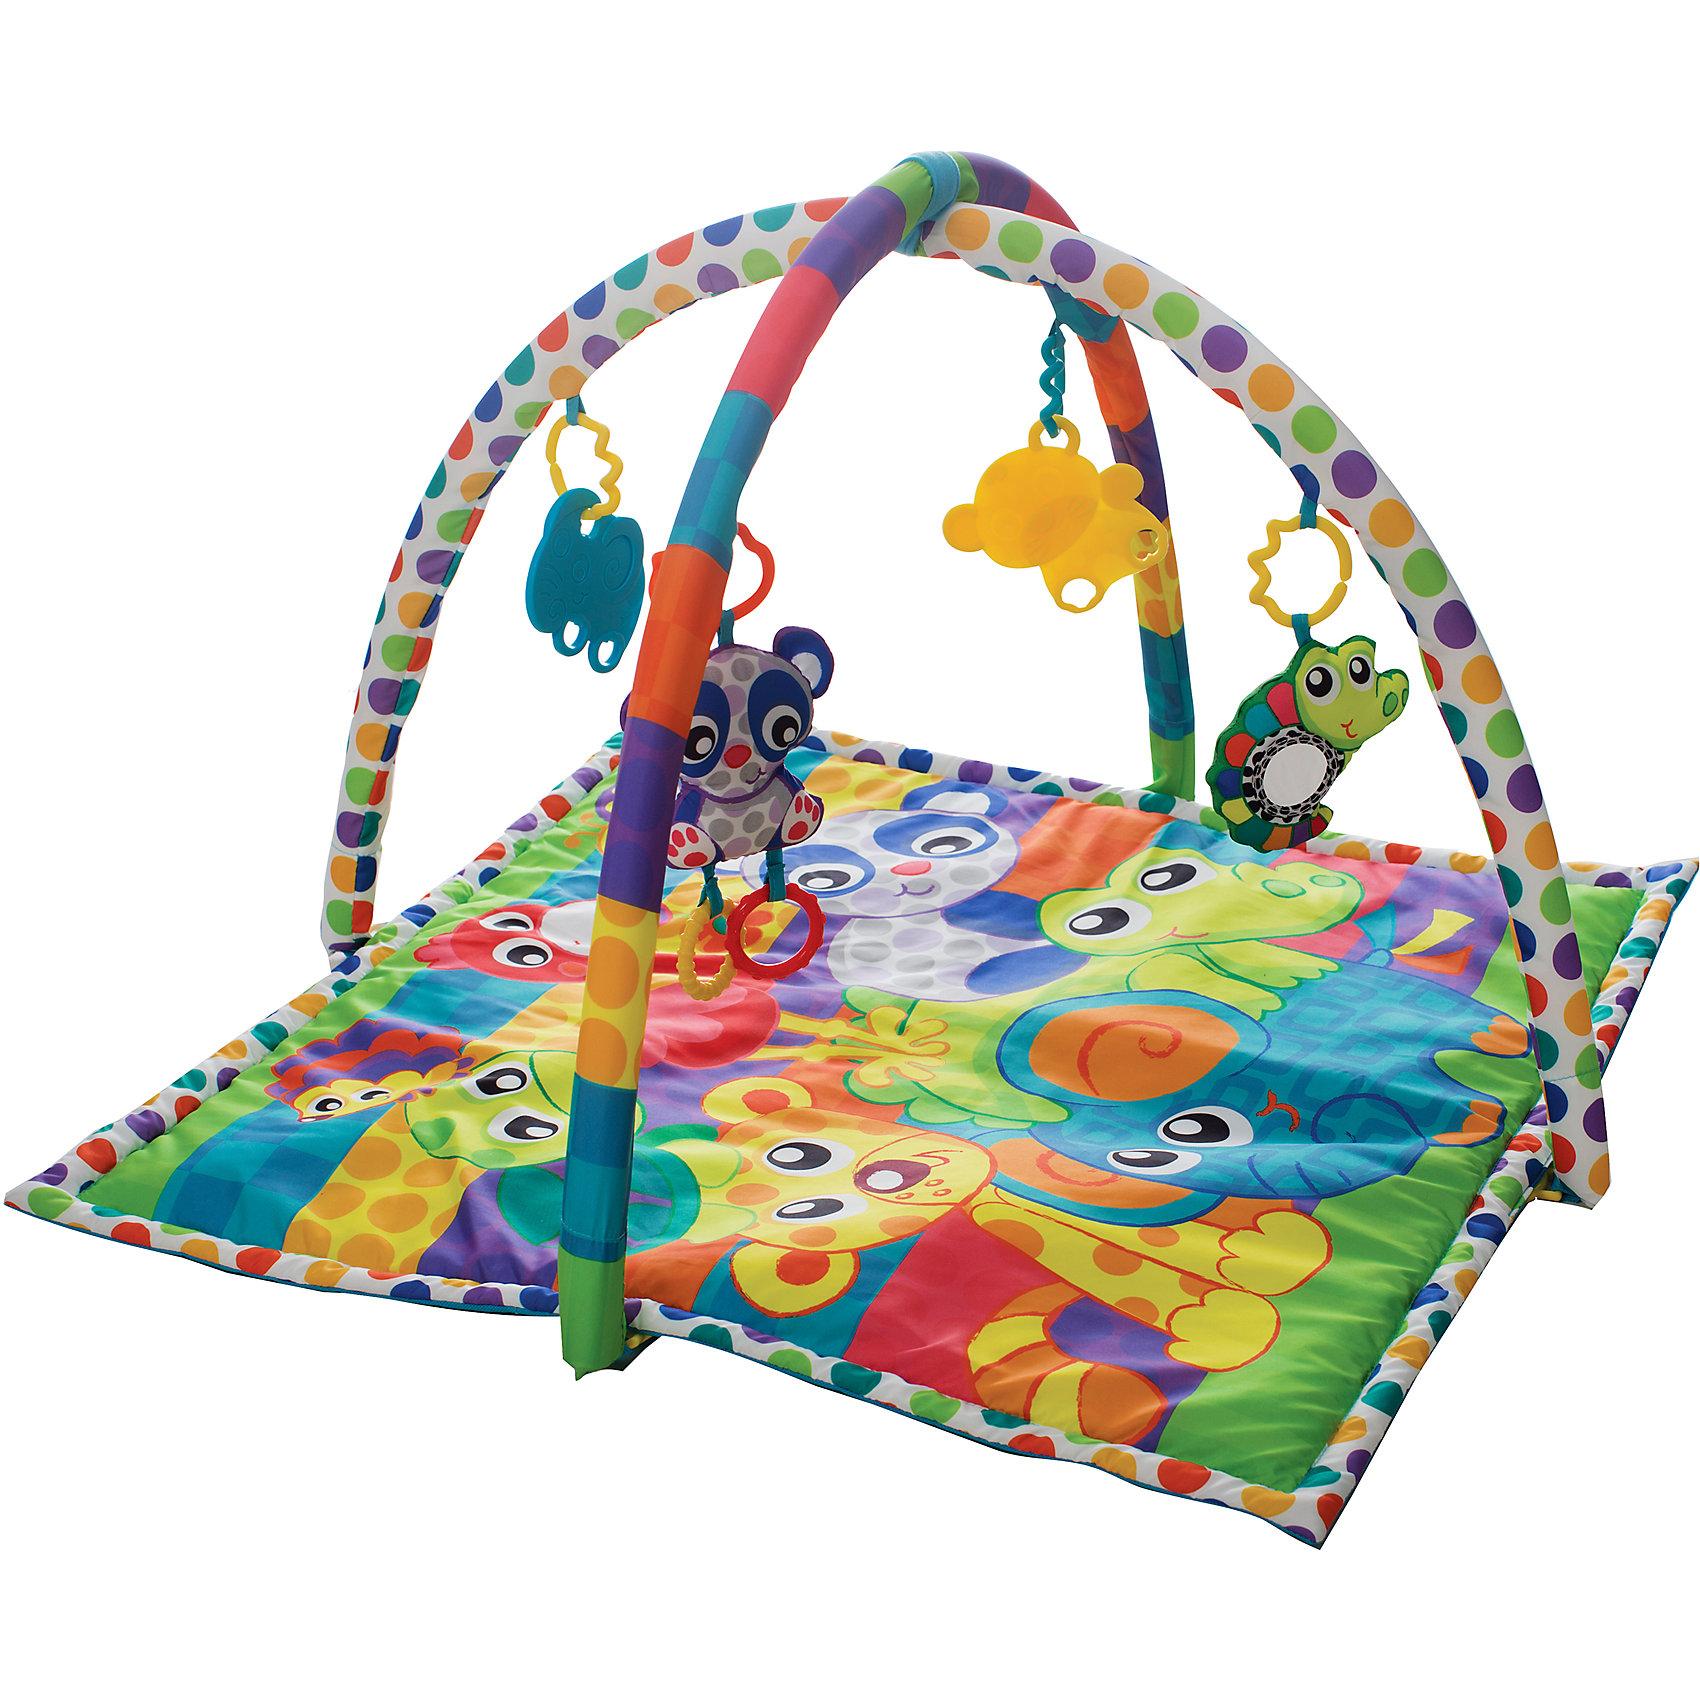 Игрушка активный центр В мире животных, PlaygroИгровые столики и центры<br>Игровой центр с двумя дугами и 4-мя подвесками (2 пластиковые и 2 текстильные с пластиковыми вставками) обязательно понравится вашему малышу. Подвески легко снимаются и могут использоваться отдельно. Яркие цвета и материалы разных фактур способствуют развитию визуального восприятия, тактильных ощущений, моторики. Коврик легко и быстро складывается, его удобно брать с собой на прогулки, в гости или же поездки. <br><br>Дополнительная информация:<br><br>- Материал: пластик, текстиль.<br>- Размер упаковки: 63х56 см.<br>- Съемные игрушки и дуги<br>- В комплекте: коврик, дуги, 4 игрушки. <br><br>Игрушку Активный центр В мире животных, Playgro (Плейгро), можно купить в нашем магазине.<br><br>Ширина мм: 630<br>Глубина мм: 70<br>Высота мм: 560<br>Вес г: 1030<br>Возраст от месяцев: 0<br>Возраст до месяцев: 18<br>Пол: Унисекс<br>Возраст: Детский<br>SKU: 4729139